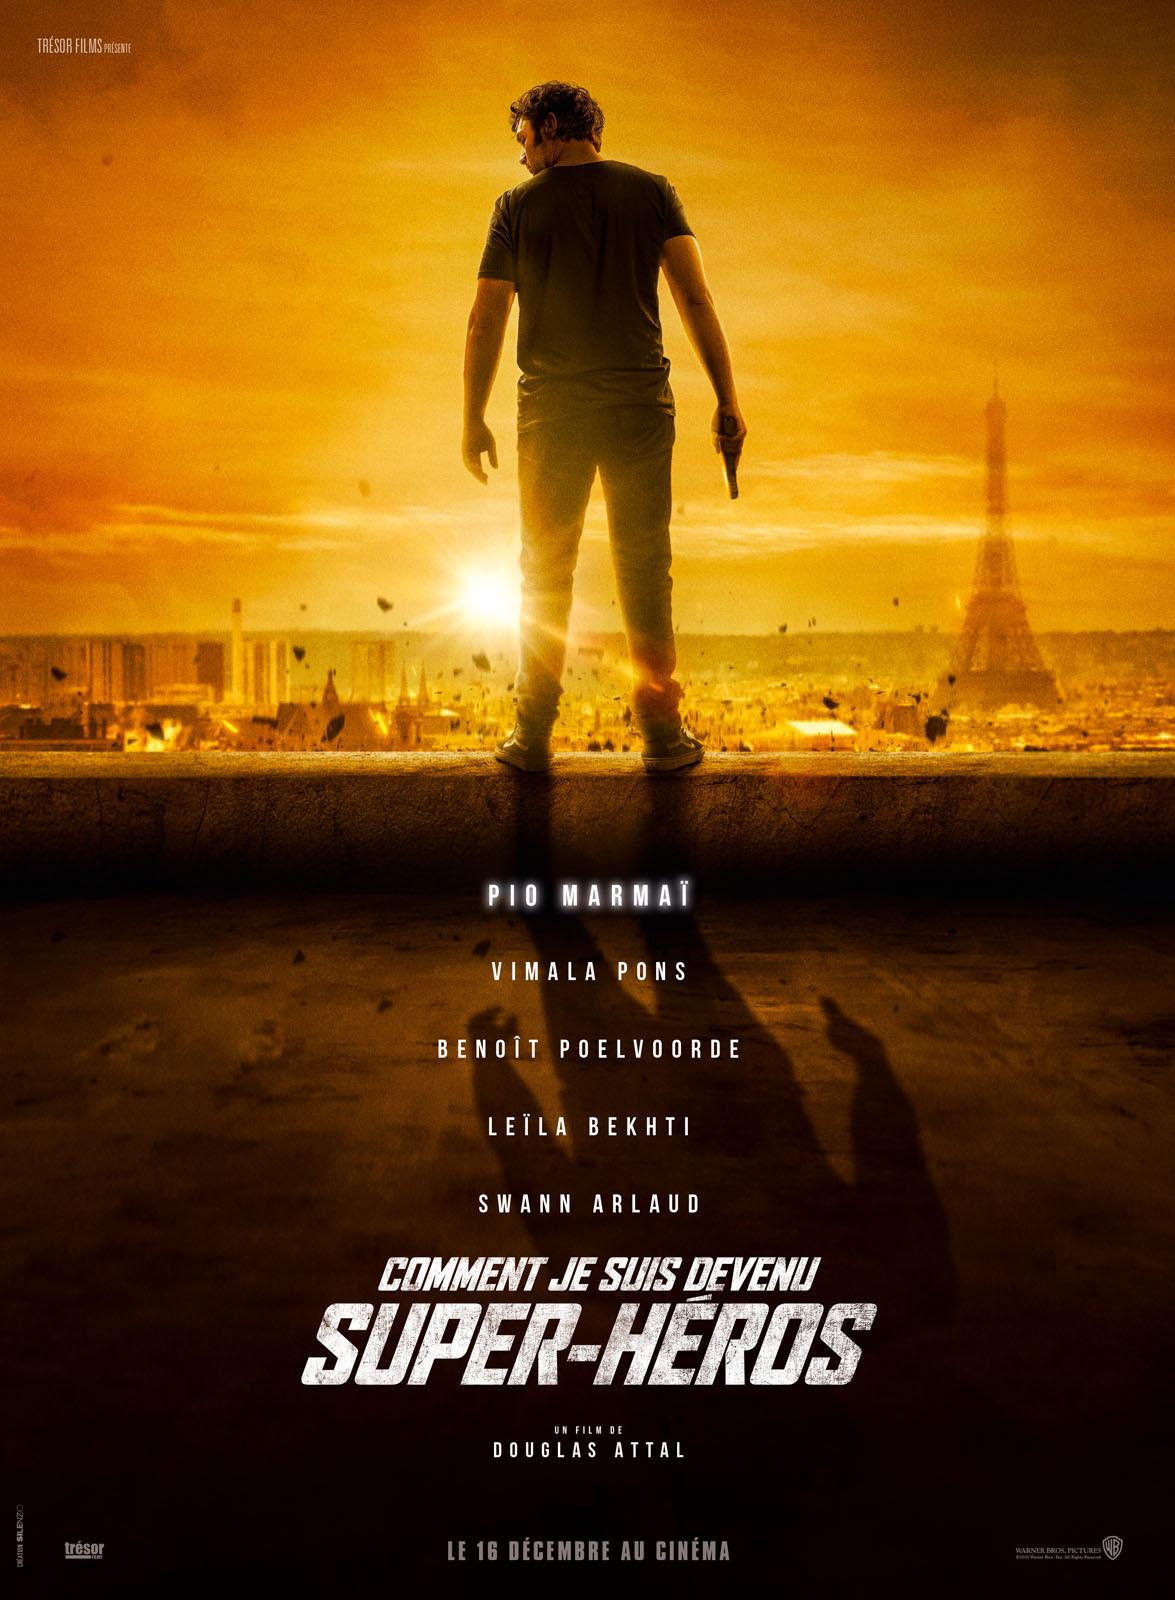 Comment je suis devenu super-héros - film 2020 - AlloCiné